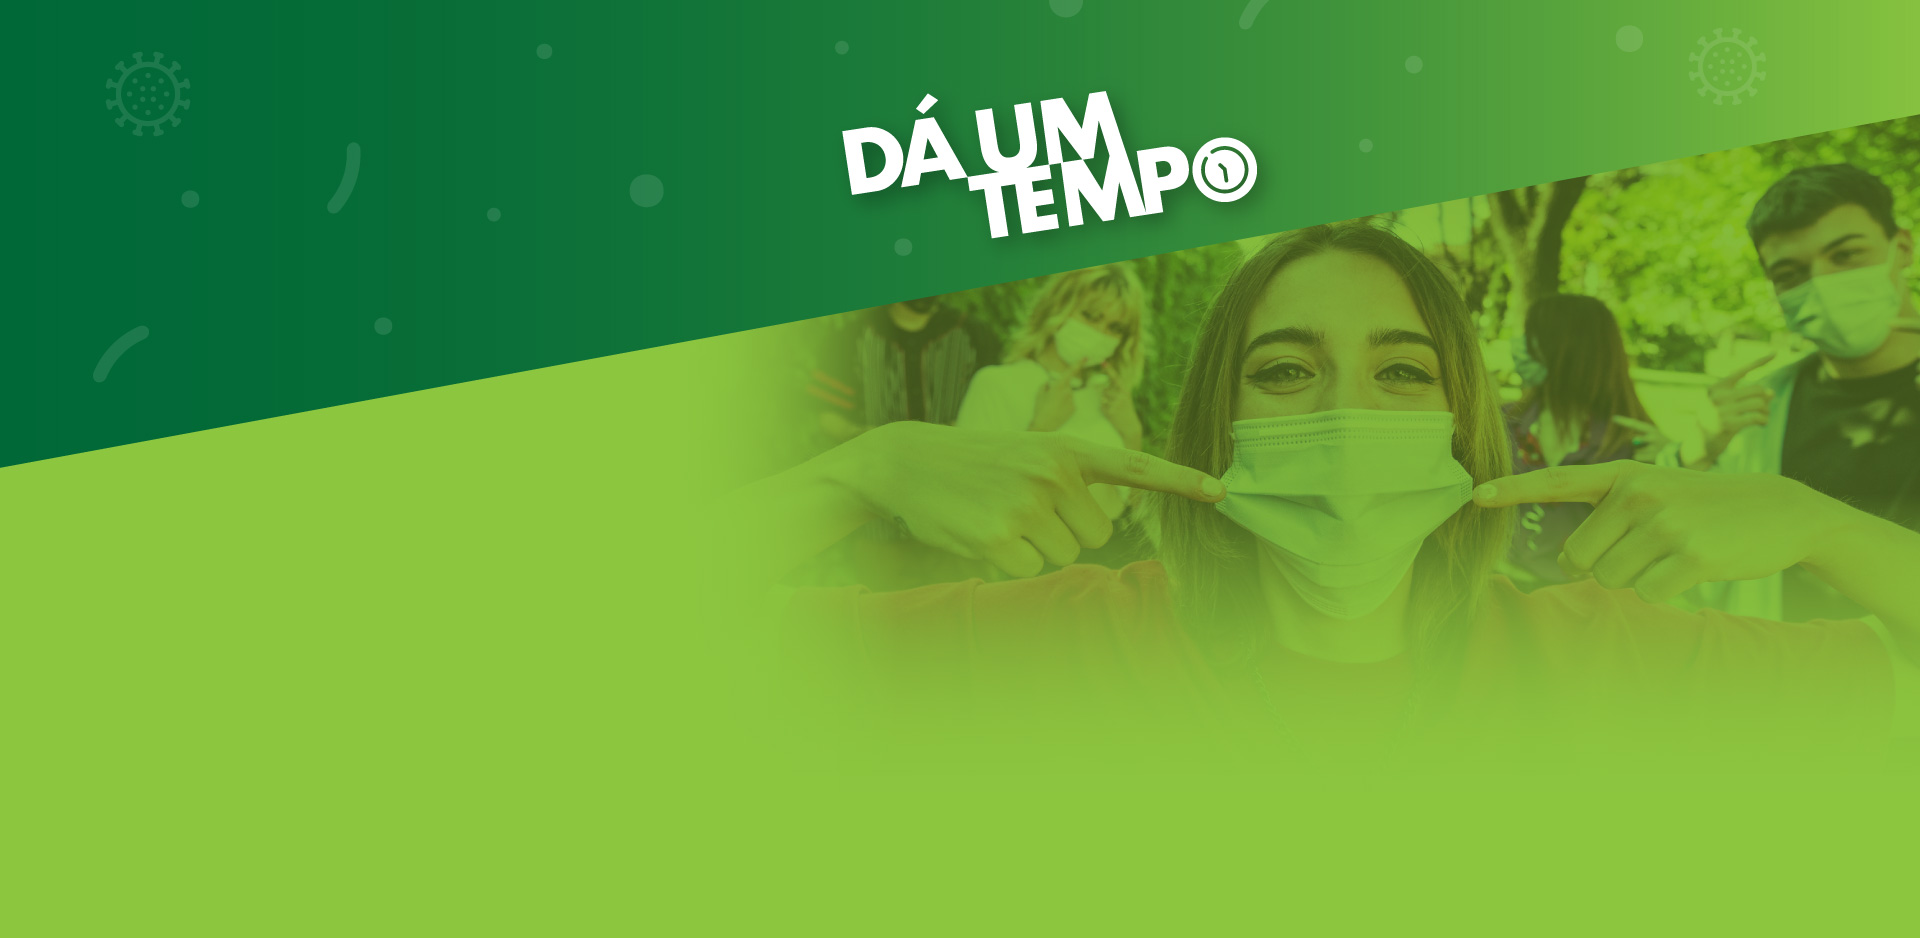 """Banner da campanha """"Dá um tempo!"""" com o lettering """"Dá um tempo!"""" a branco sobre o fundo verde"""